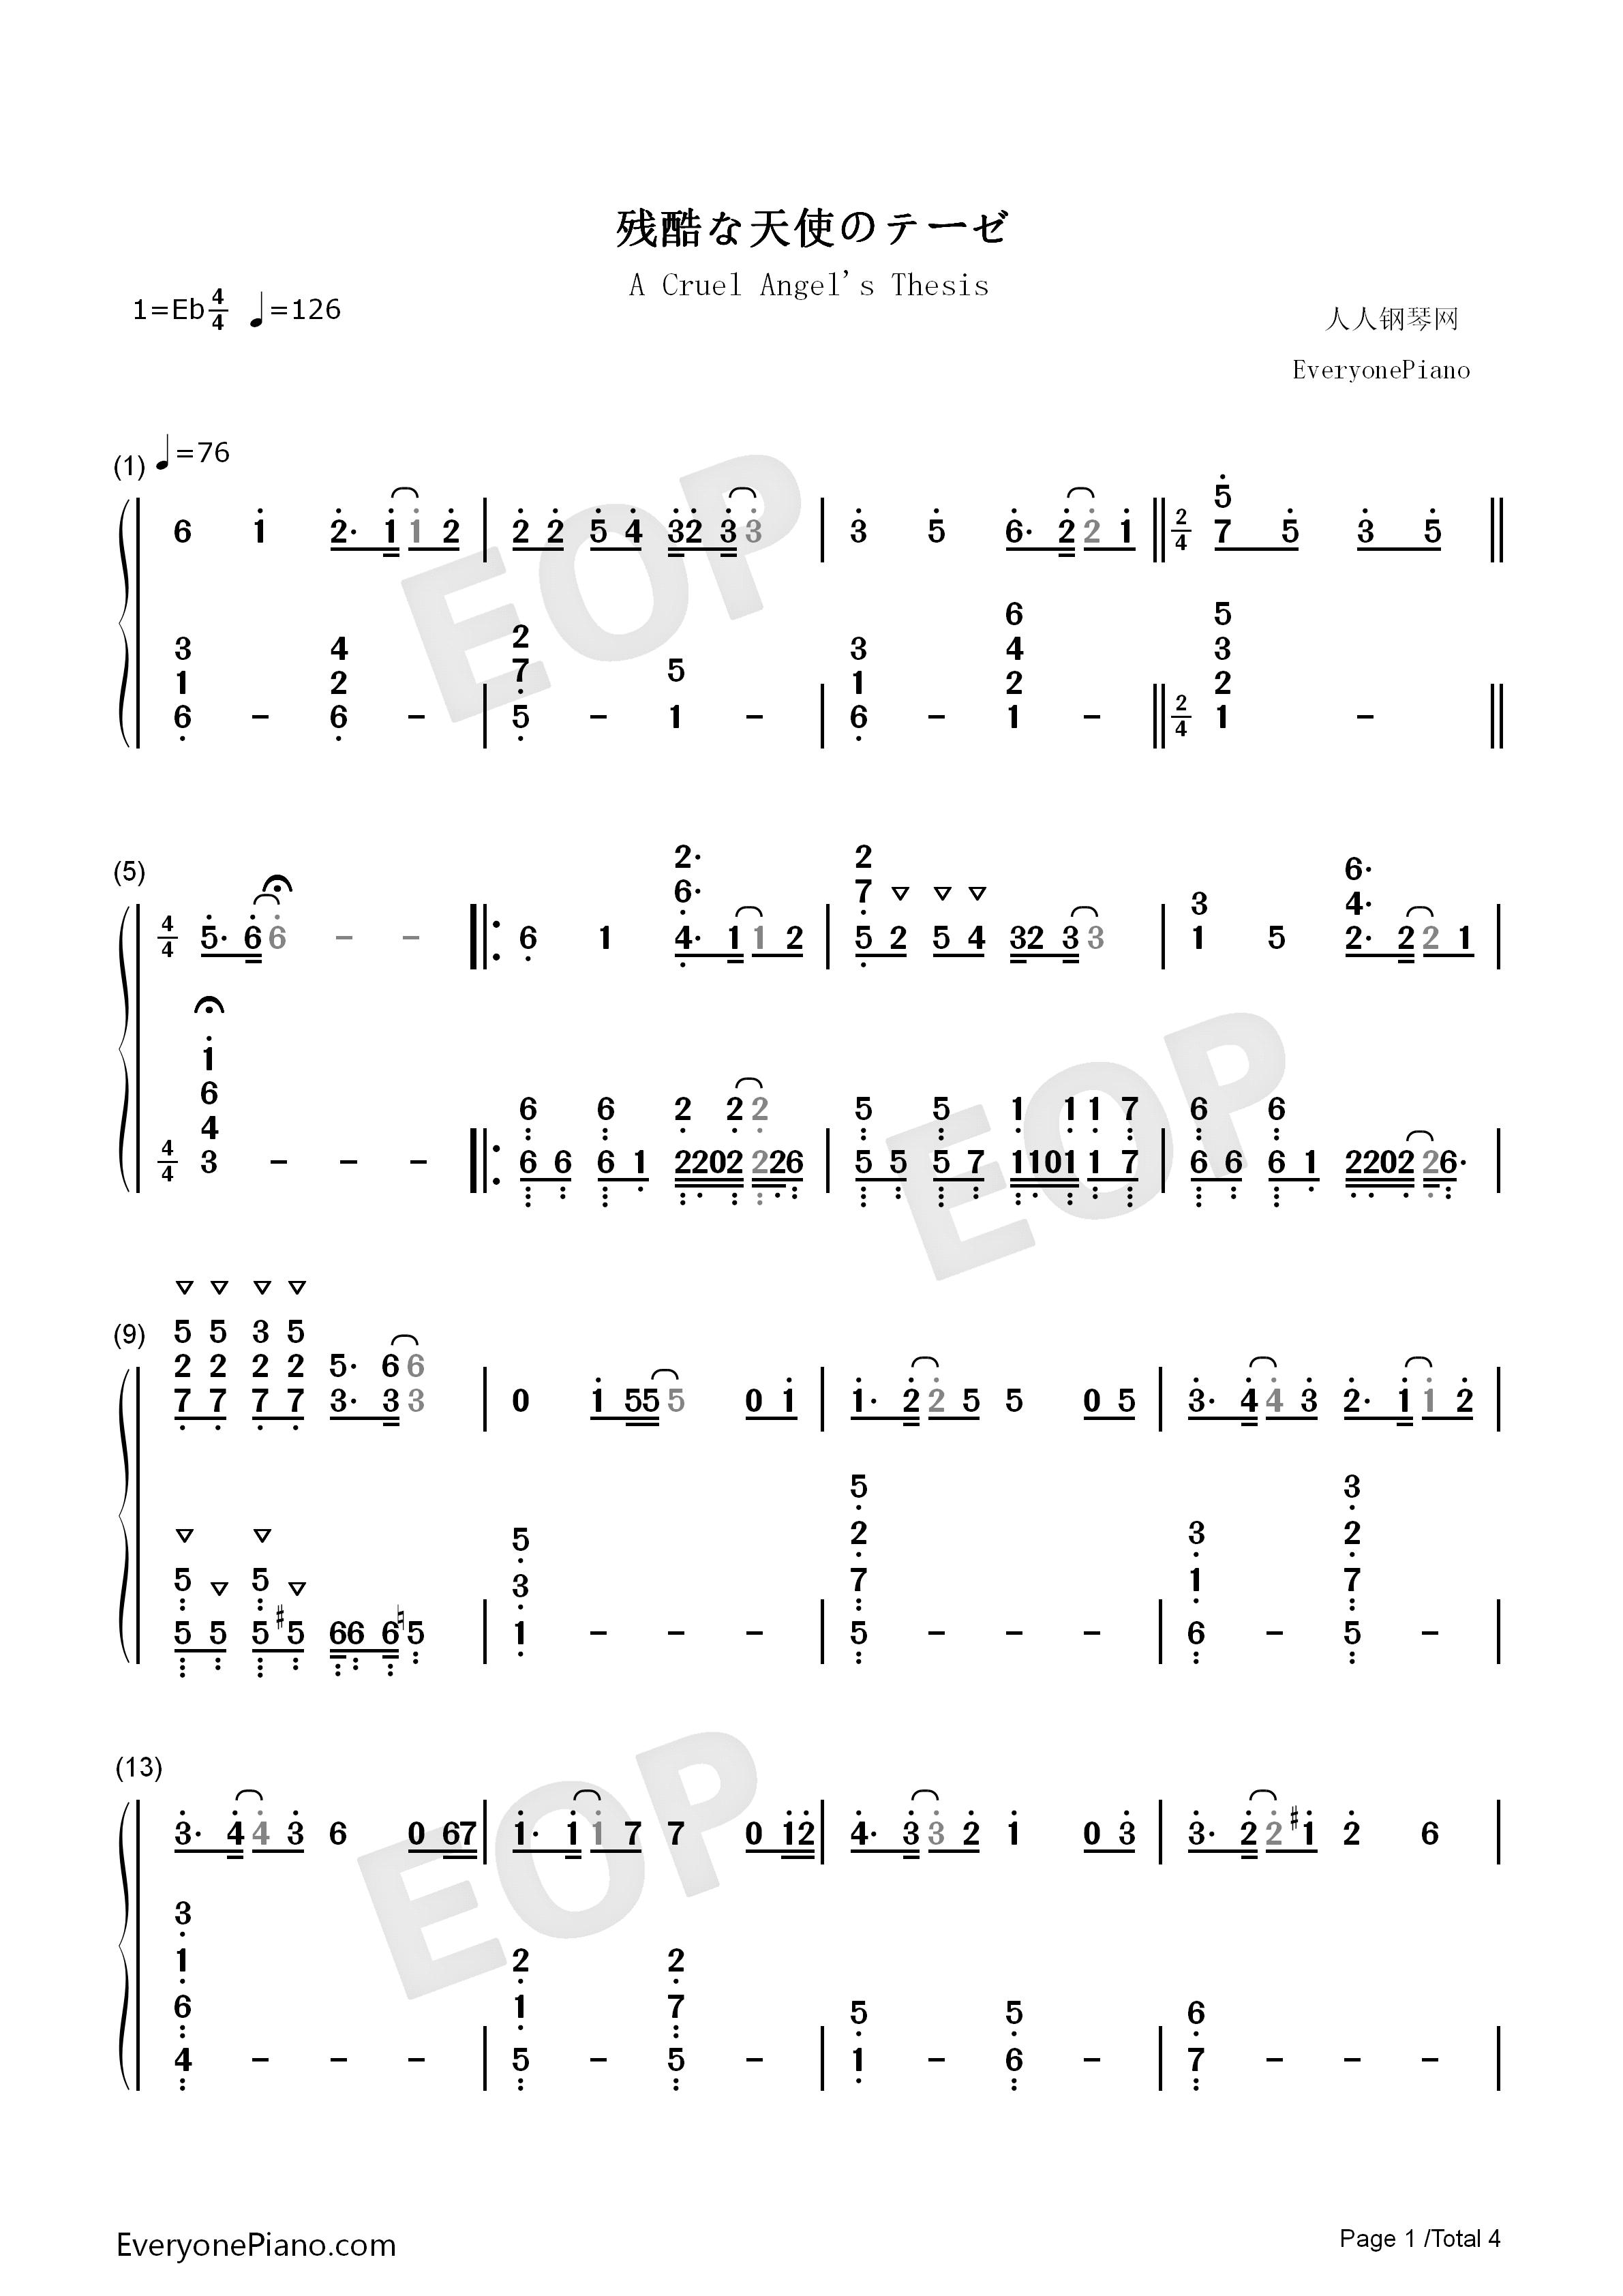 cruel angel thesis parapara Cruel angel's thesis ukulele tablature by neon genesis evangelion, free uke tab and chords.